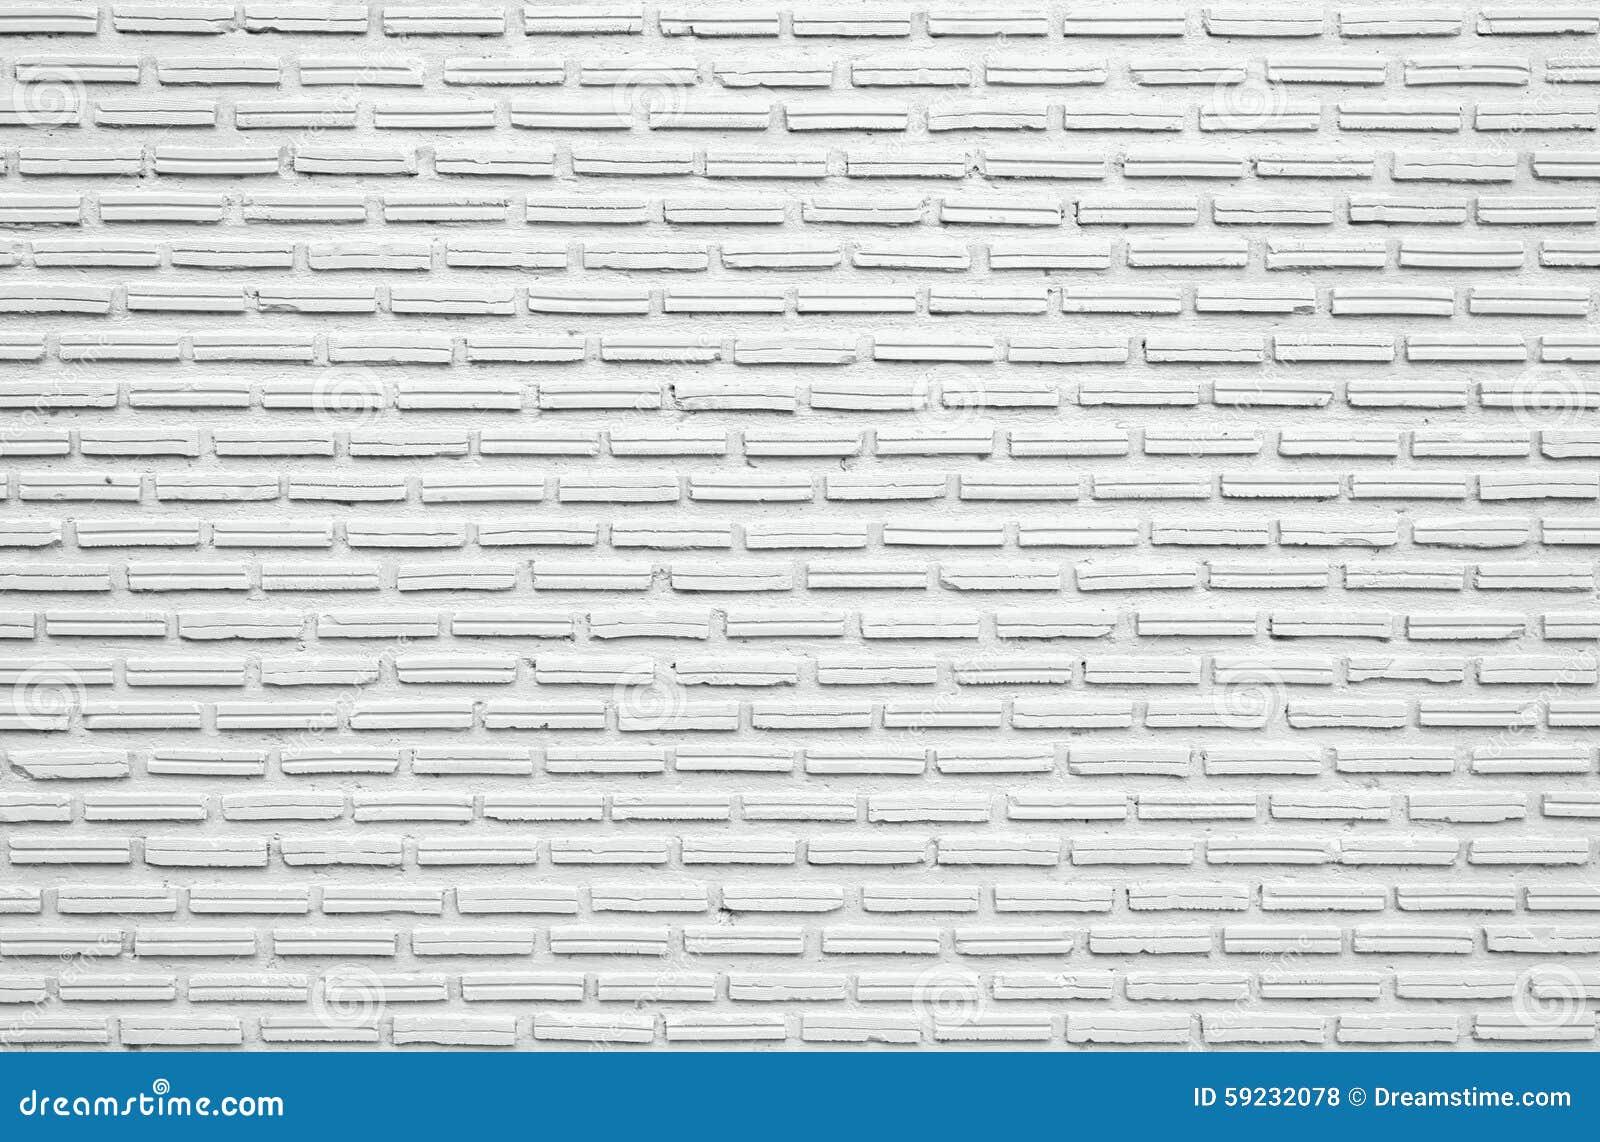 Download Fondos/textura foto de archivo. Imagen de material, ladrillo - 59232078